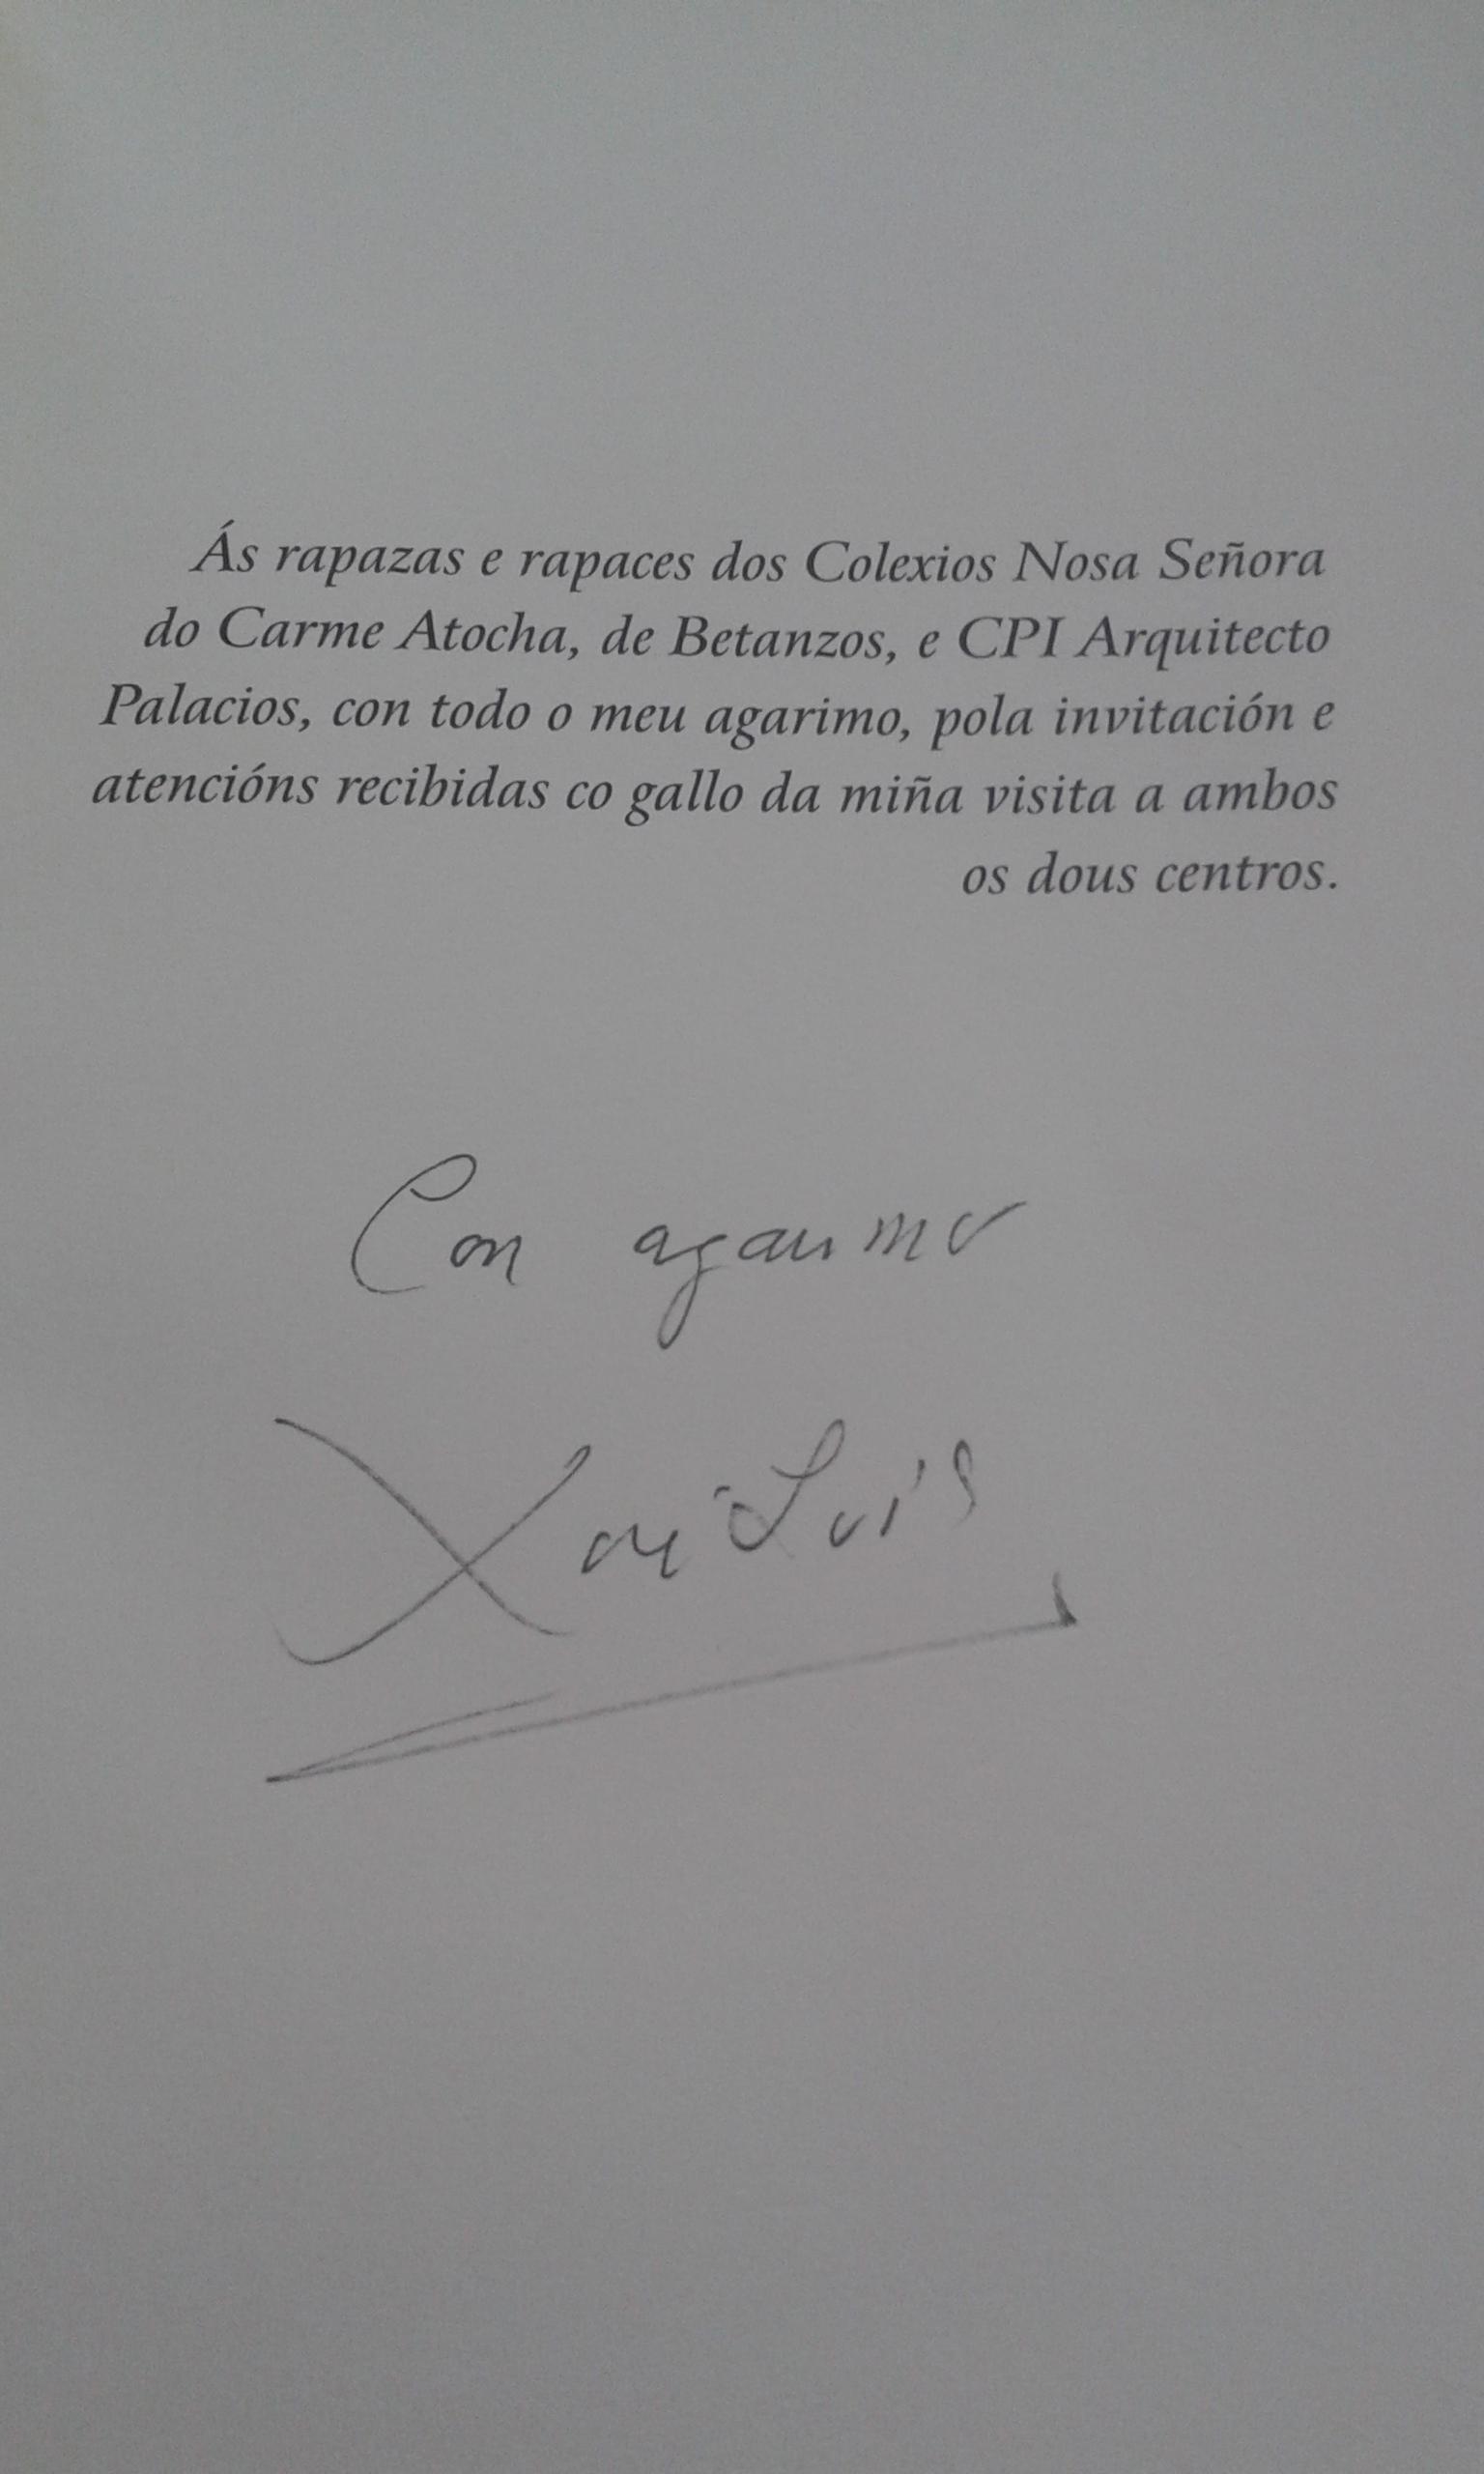 D. Xosé Lois Ripalda, mestre e escritor galego, adica ao alumnado do noso Colexio o libro VOLVE O INSPECTOR CHUMBO.